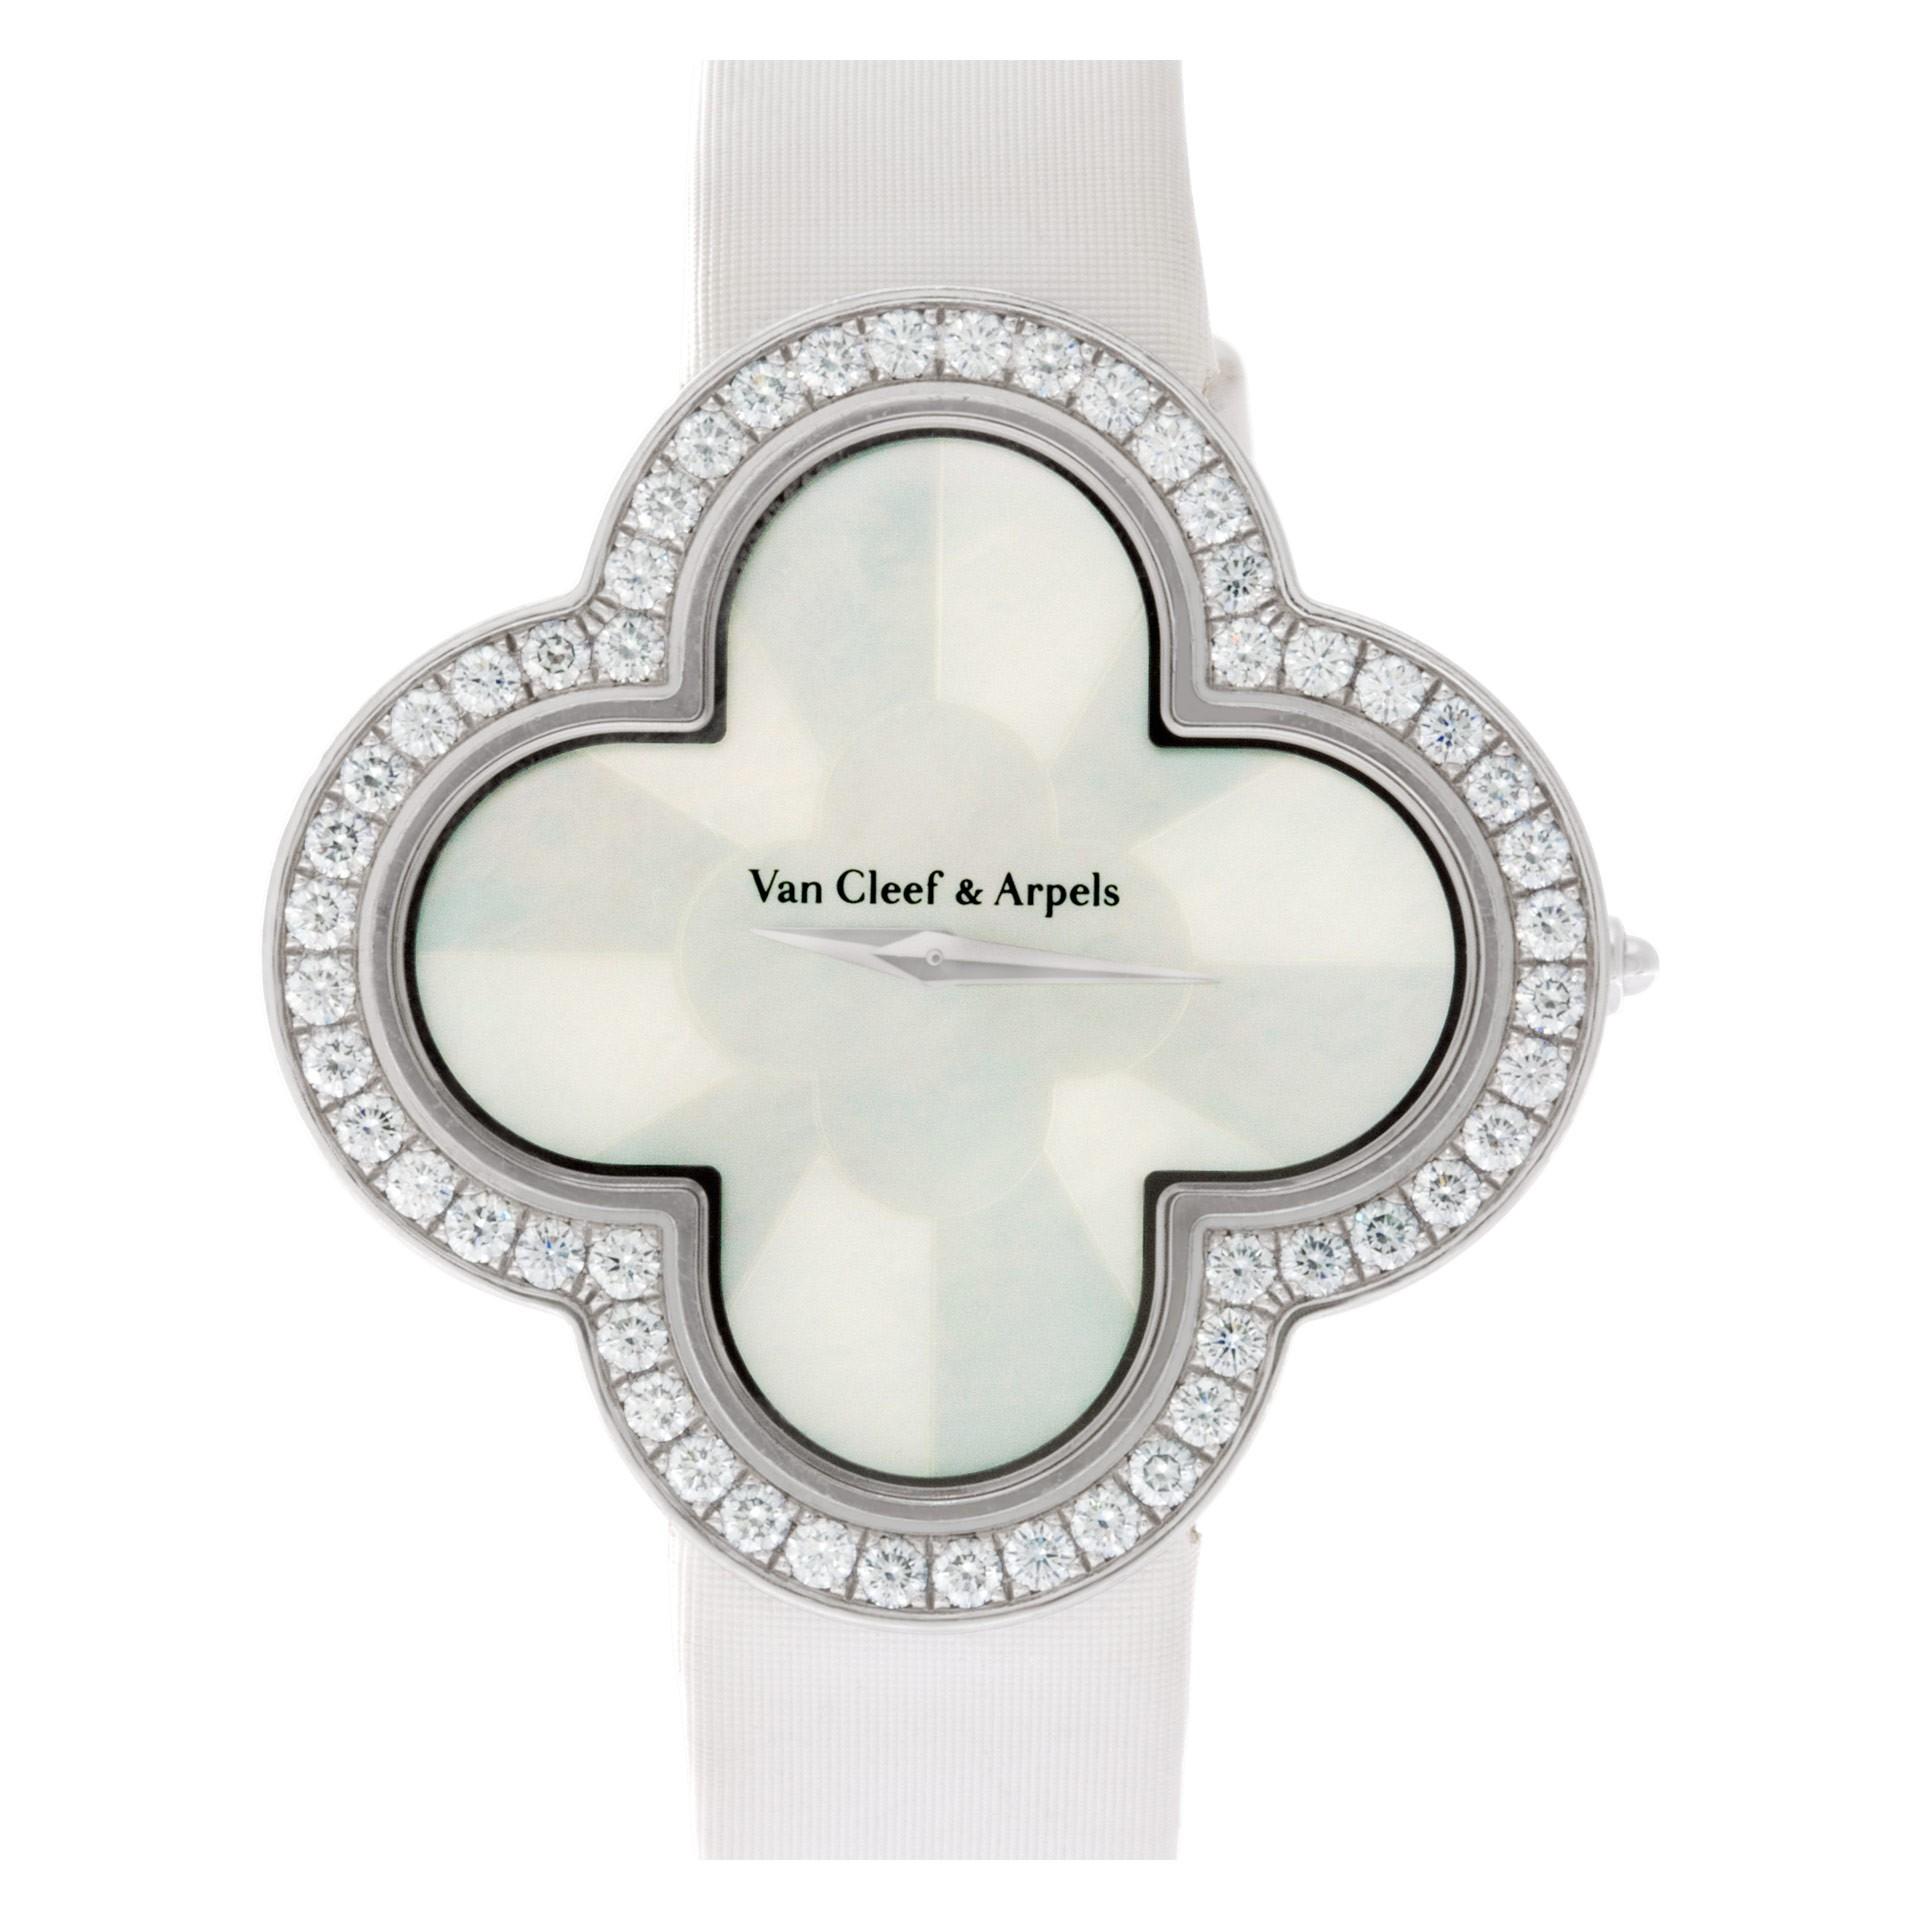 Van Cleef & Arpels Alhambra Talisman Ladies' Watch